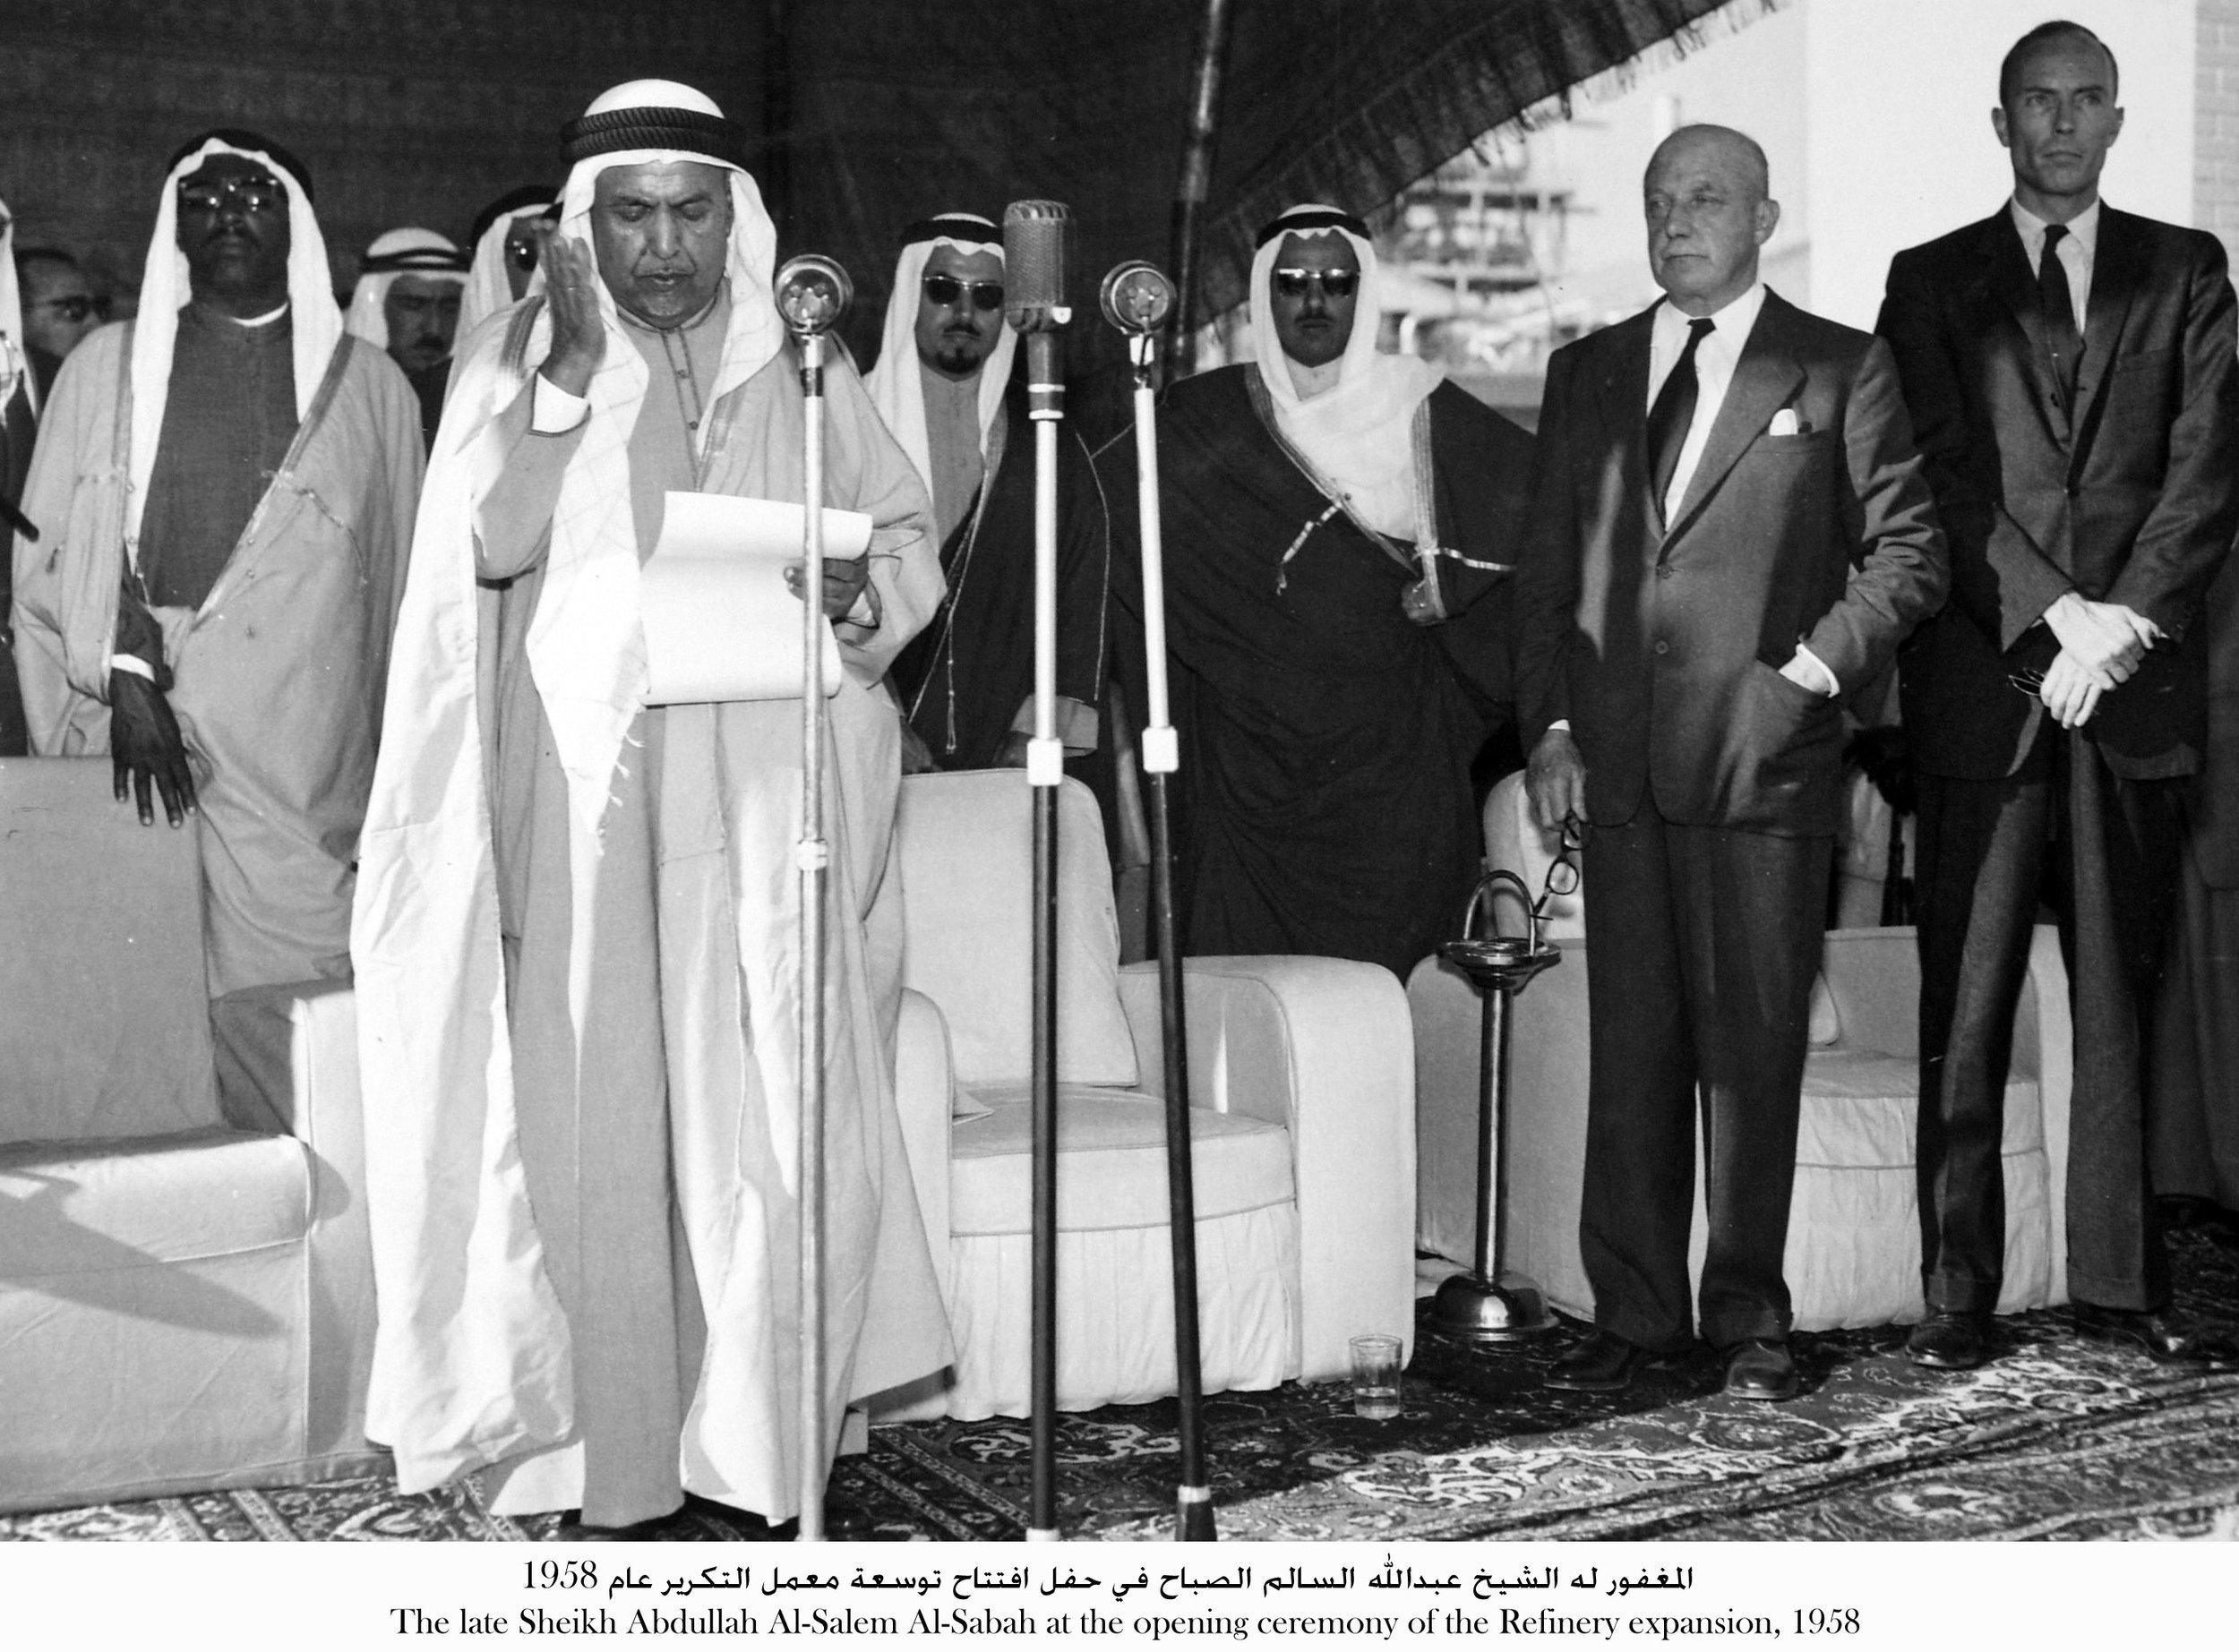 1958 Sheikh Abdulla Salem opening ceremony of refinery.JPG